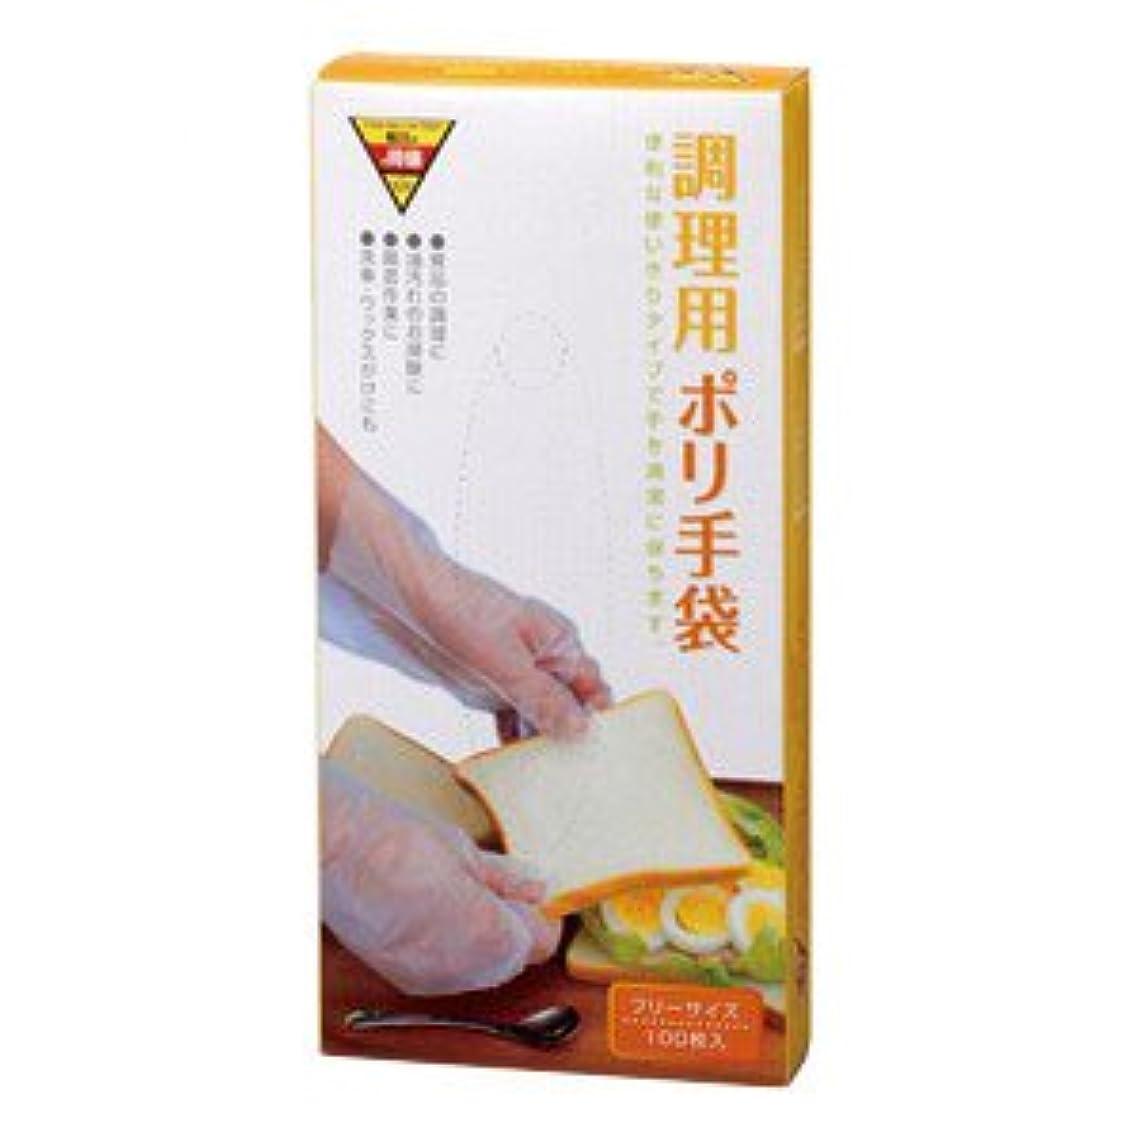 びっくりするについてリスキーなコーナンオリジナル 調理用ポリ手袋 100枚入 KHD05-7123